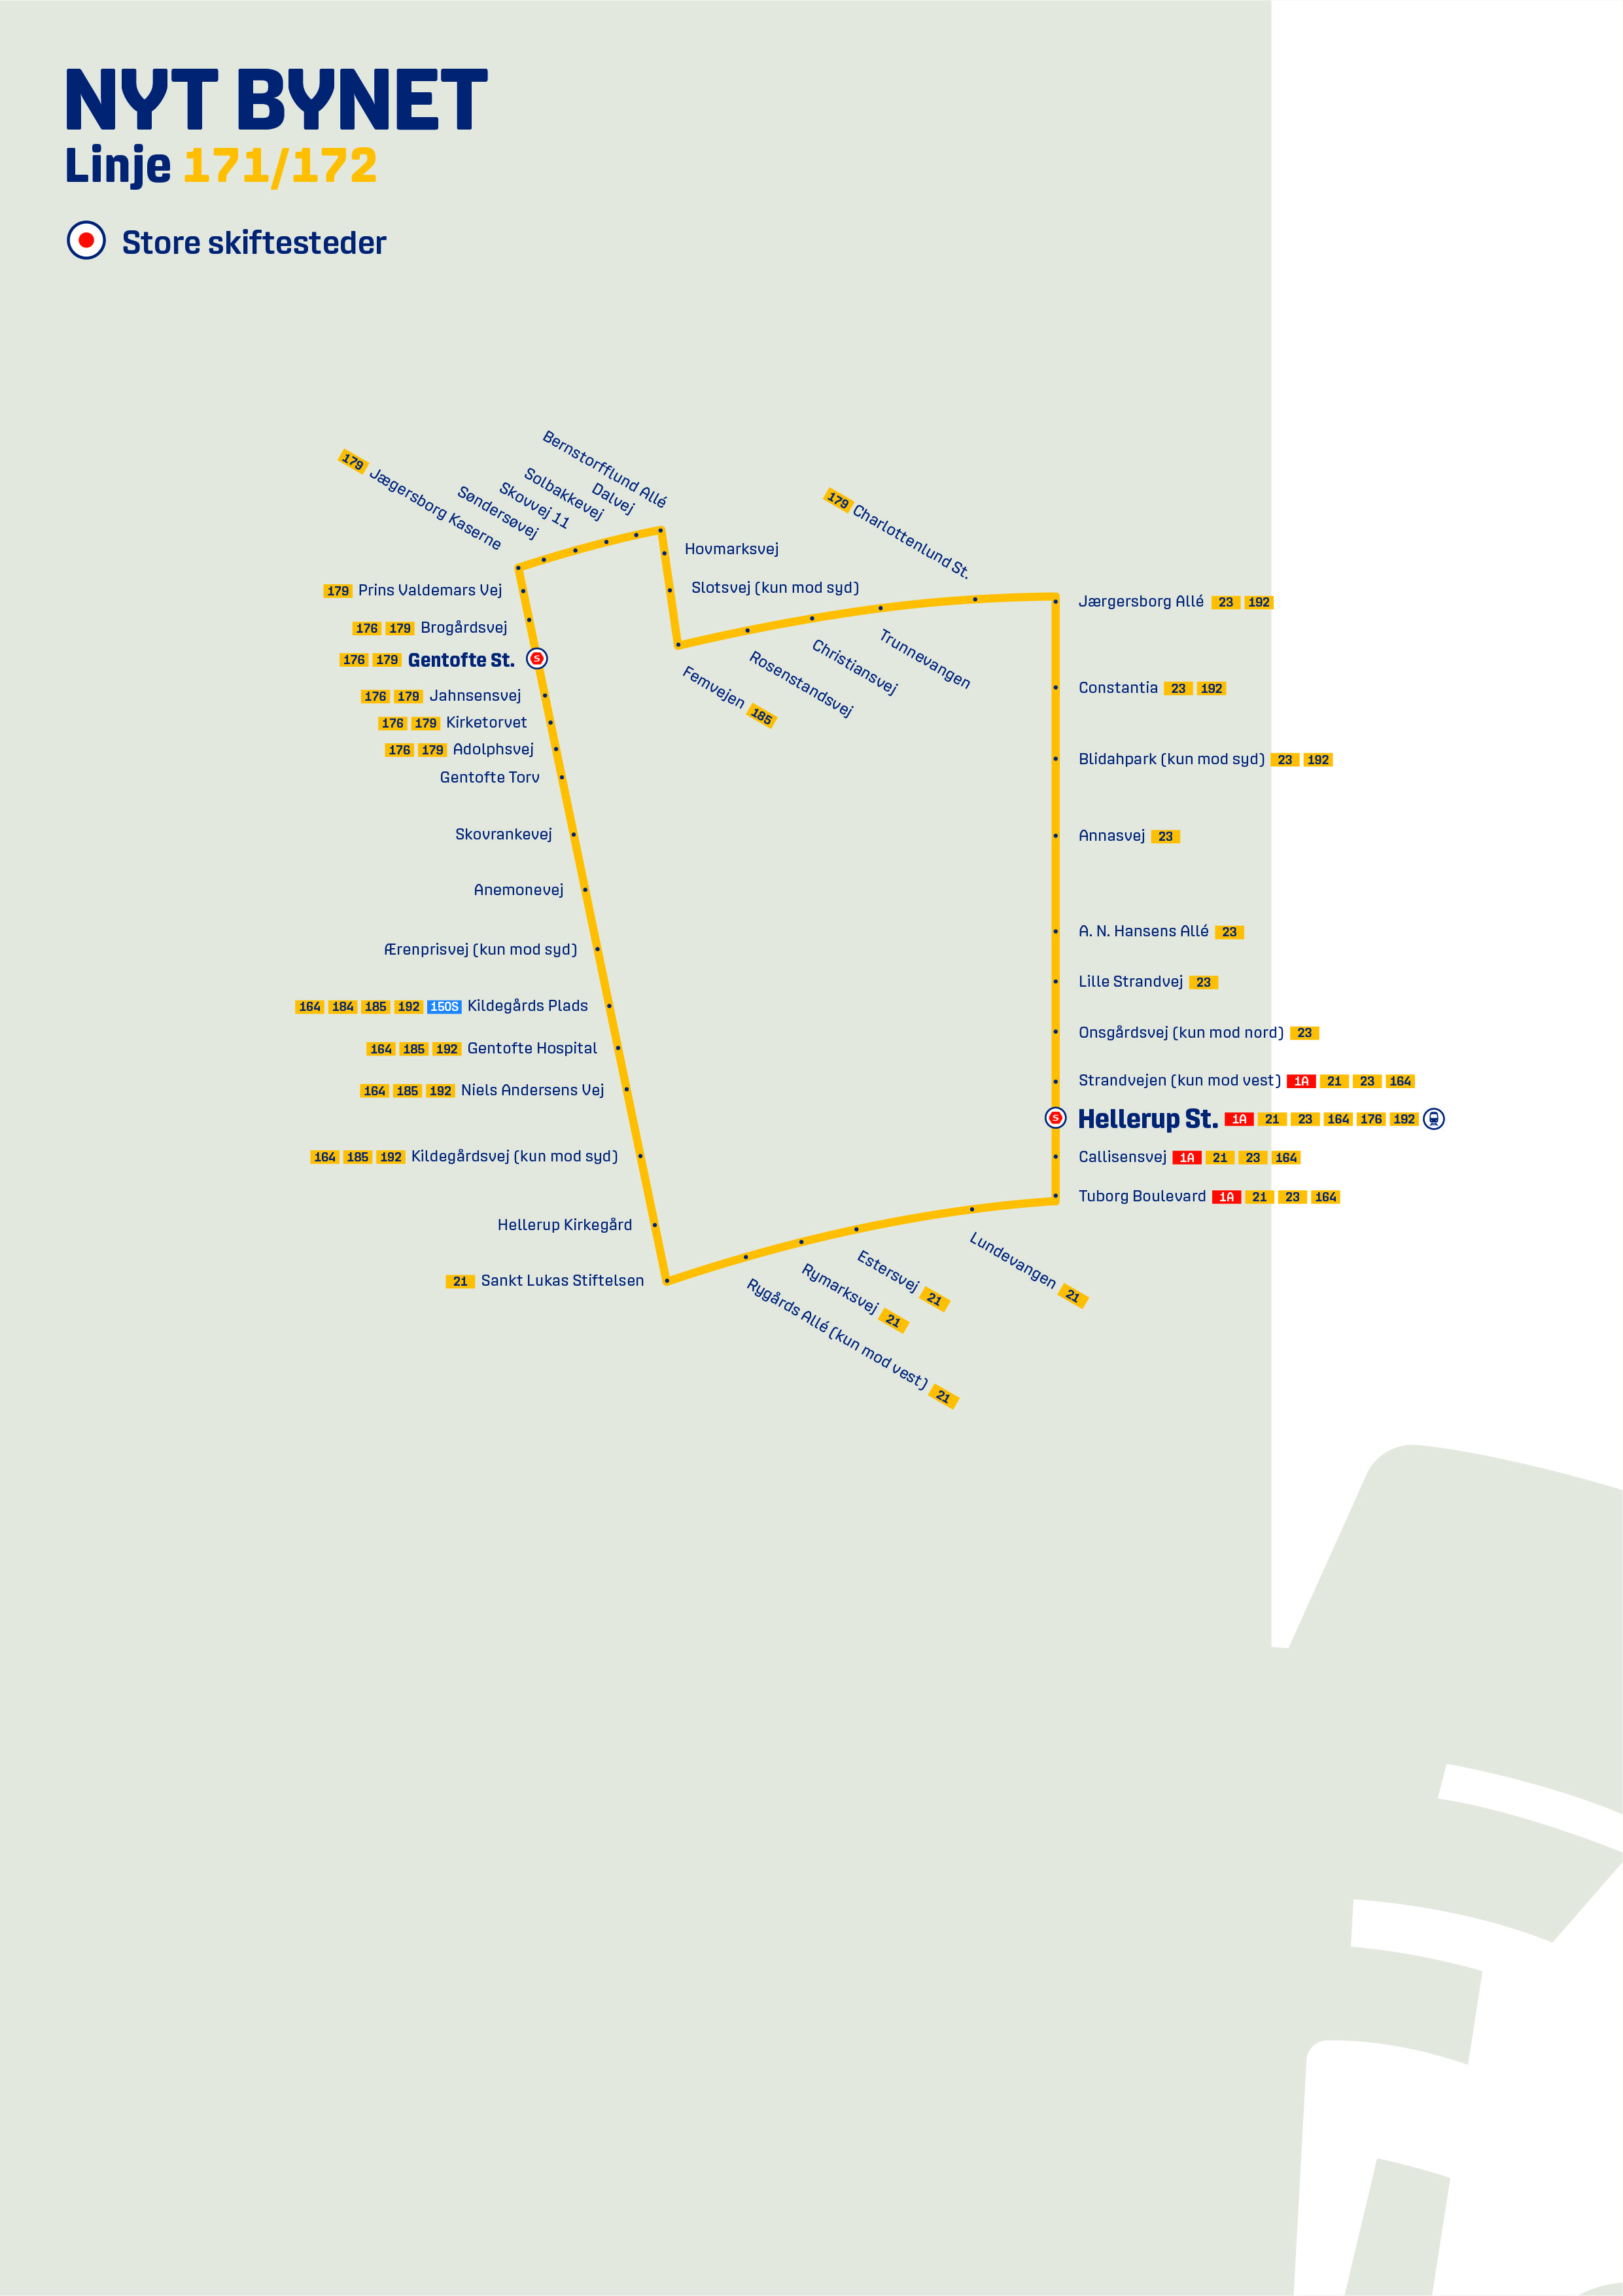 Den Nye Linje 171 172 I Nyt Bynet Dot